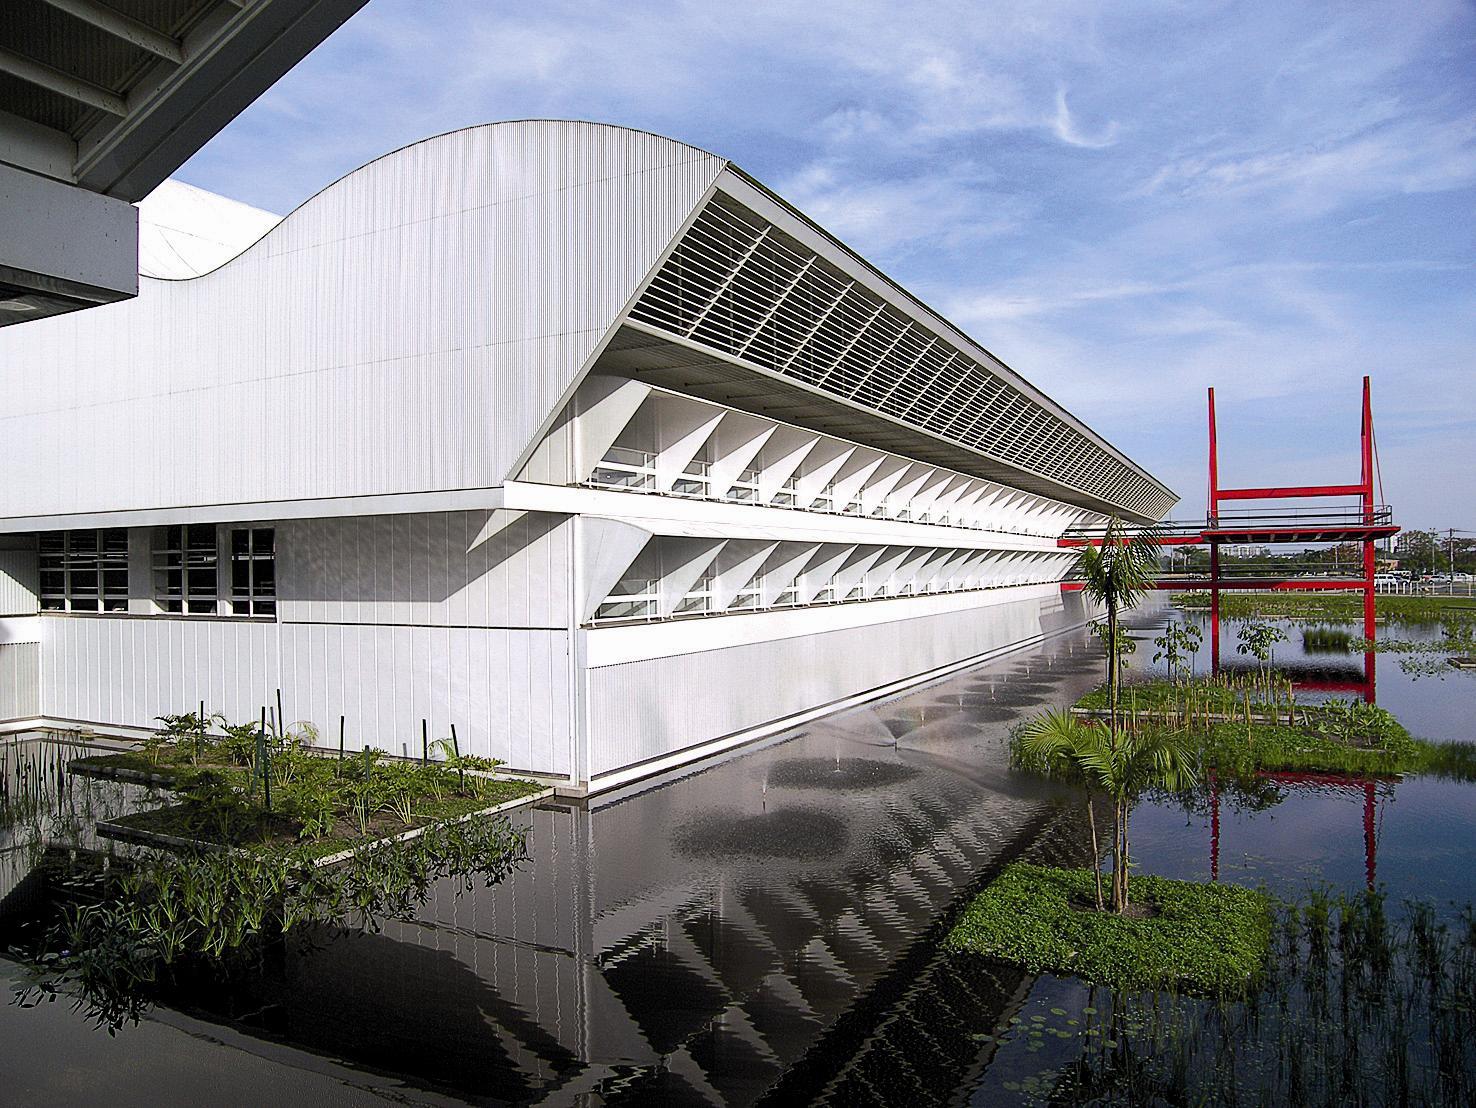 joao filgueiras lima a arquiteta1 - Maiores arquitetos brasileiros: conheça os principais nomes da nossa arquitetura